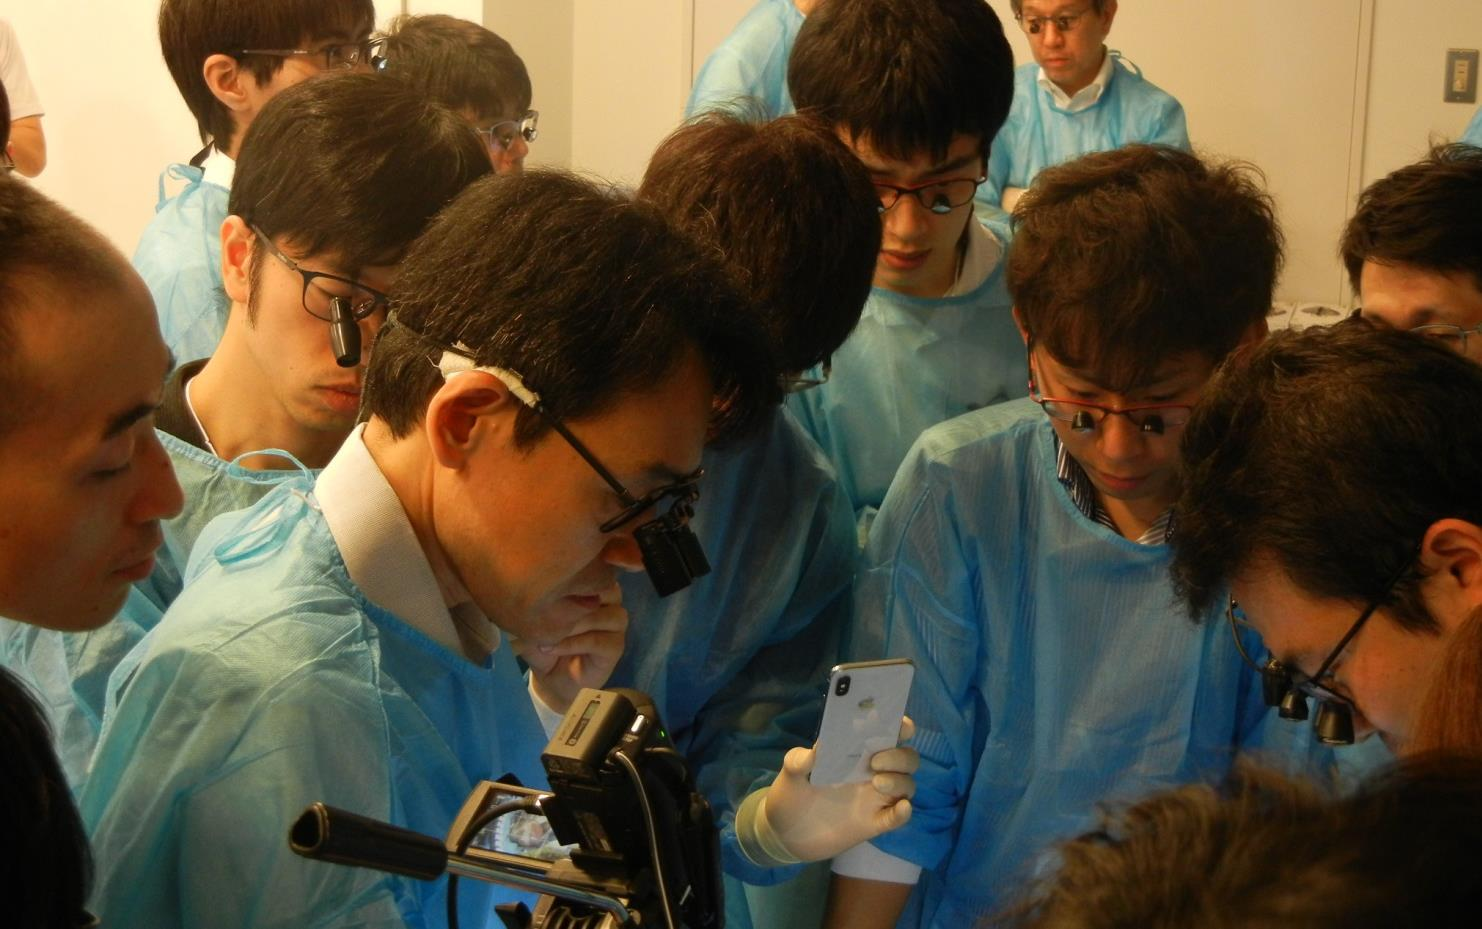 熊本大学の福井先生のバイパスレクチャーも、皆集中して学習していました。